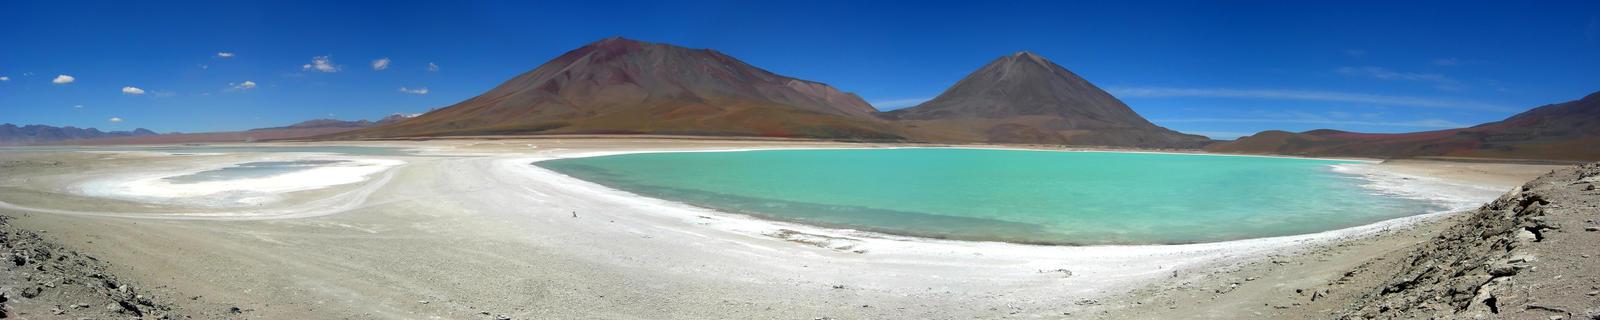 Laguna Blanca y Verde by josedrojas